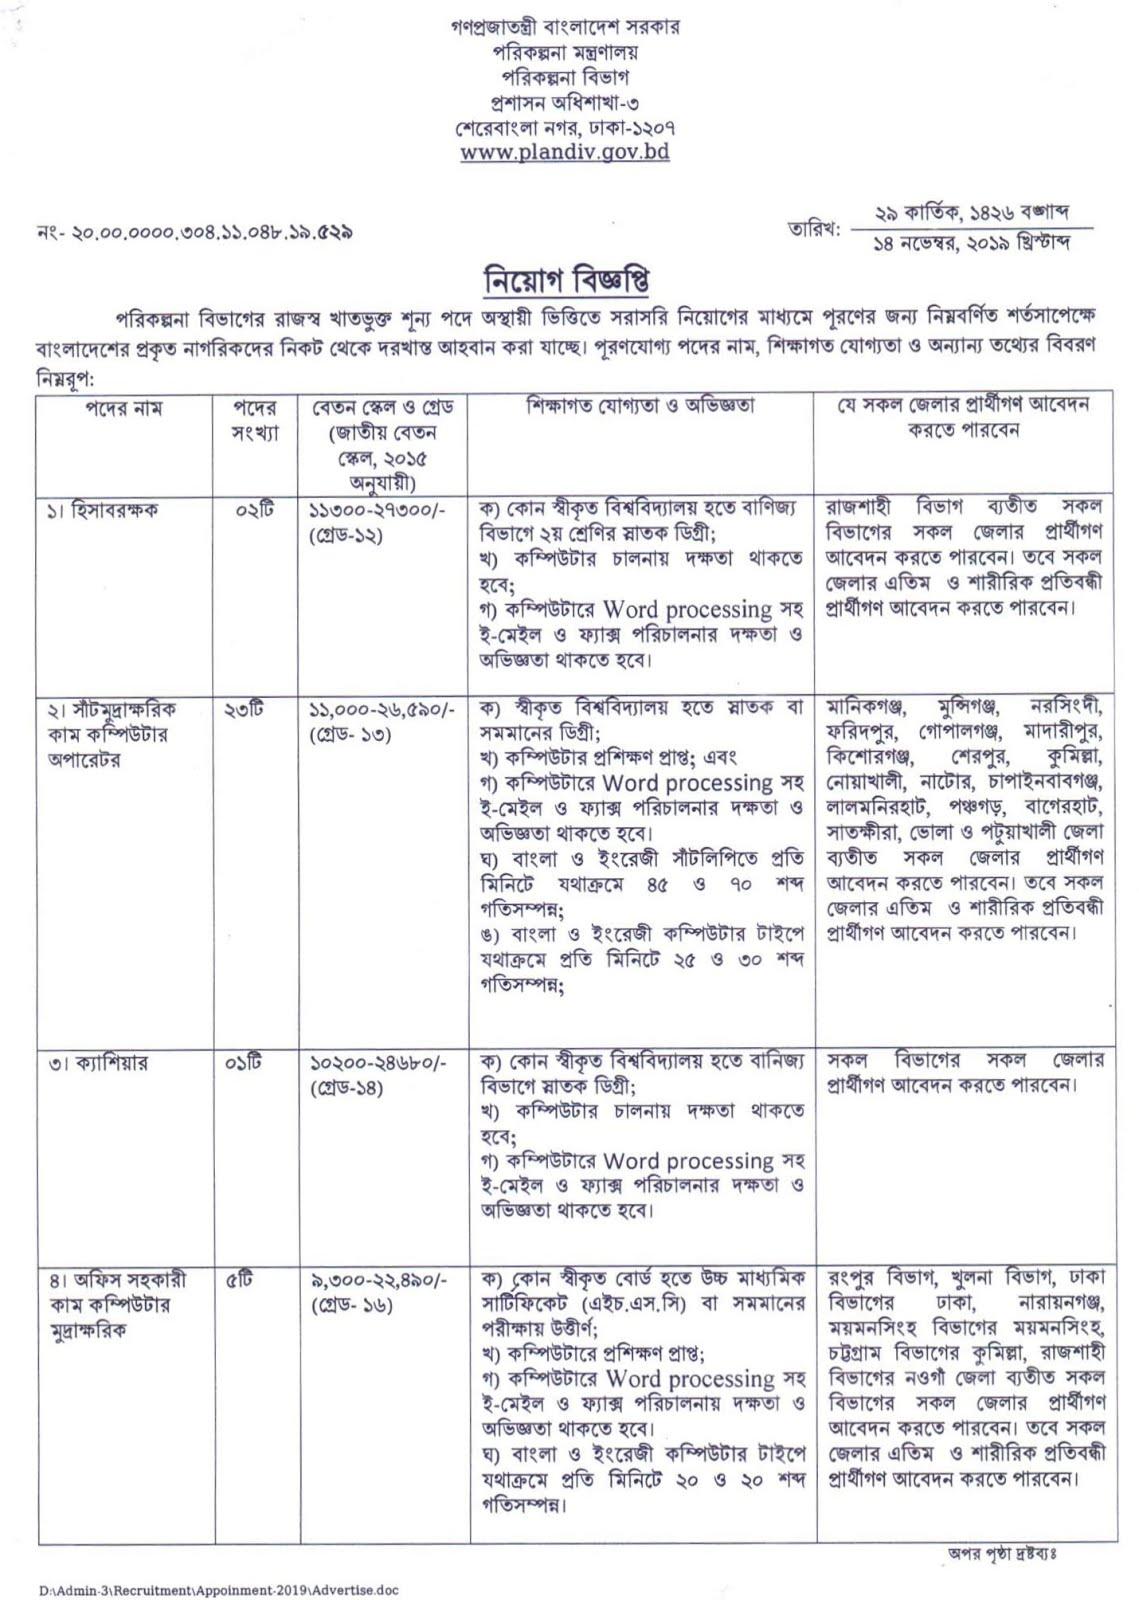 পরিকল্পনা বিভাগে নিয়োগ বিজ্ঞপ্তি ২০২০ – Planning Division Job Circular 2020 - সরকারি চাকরির খবর ২০২০/2020